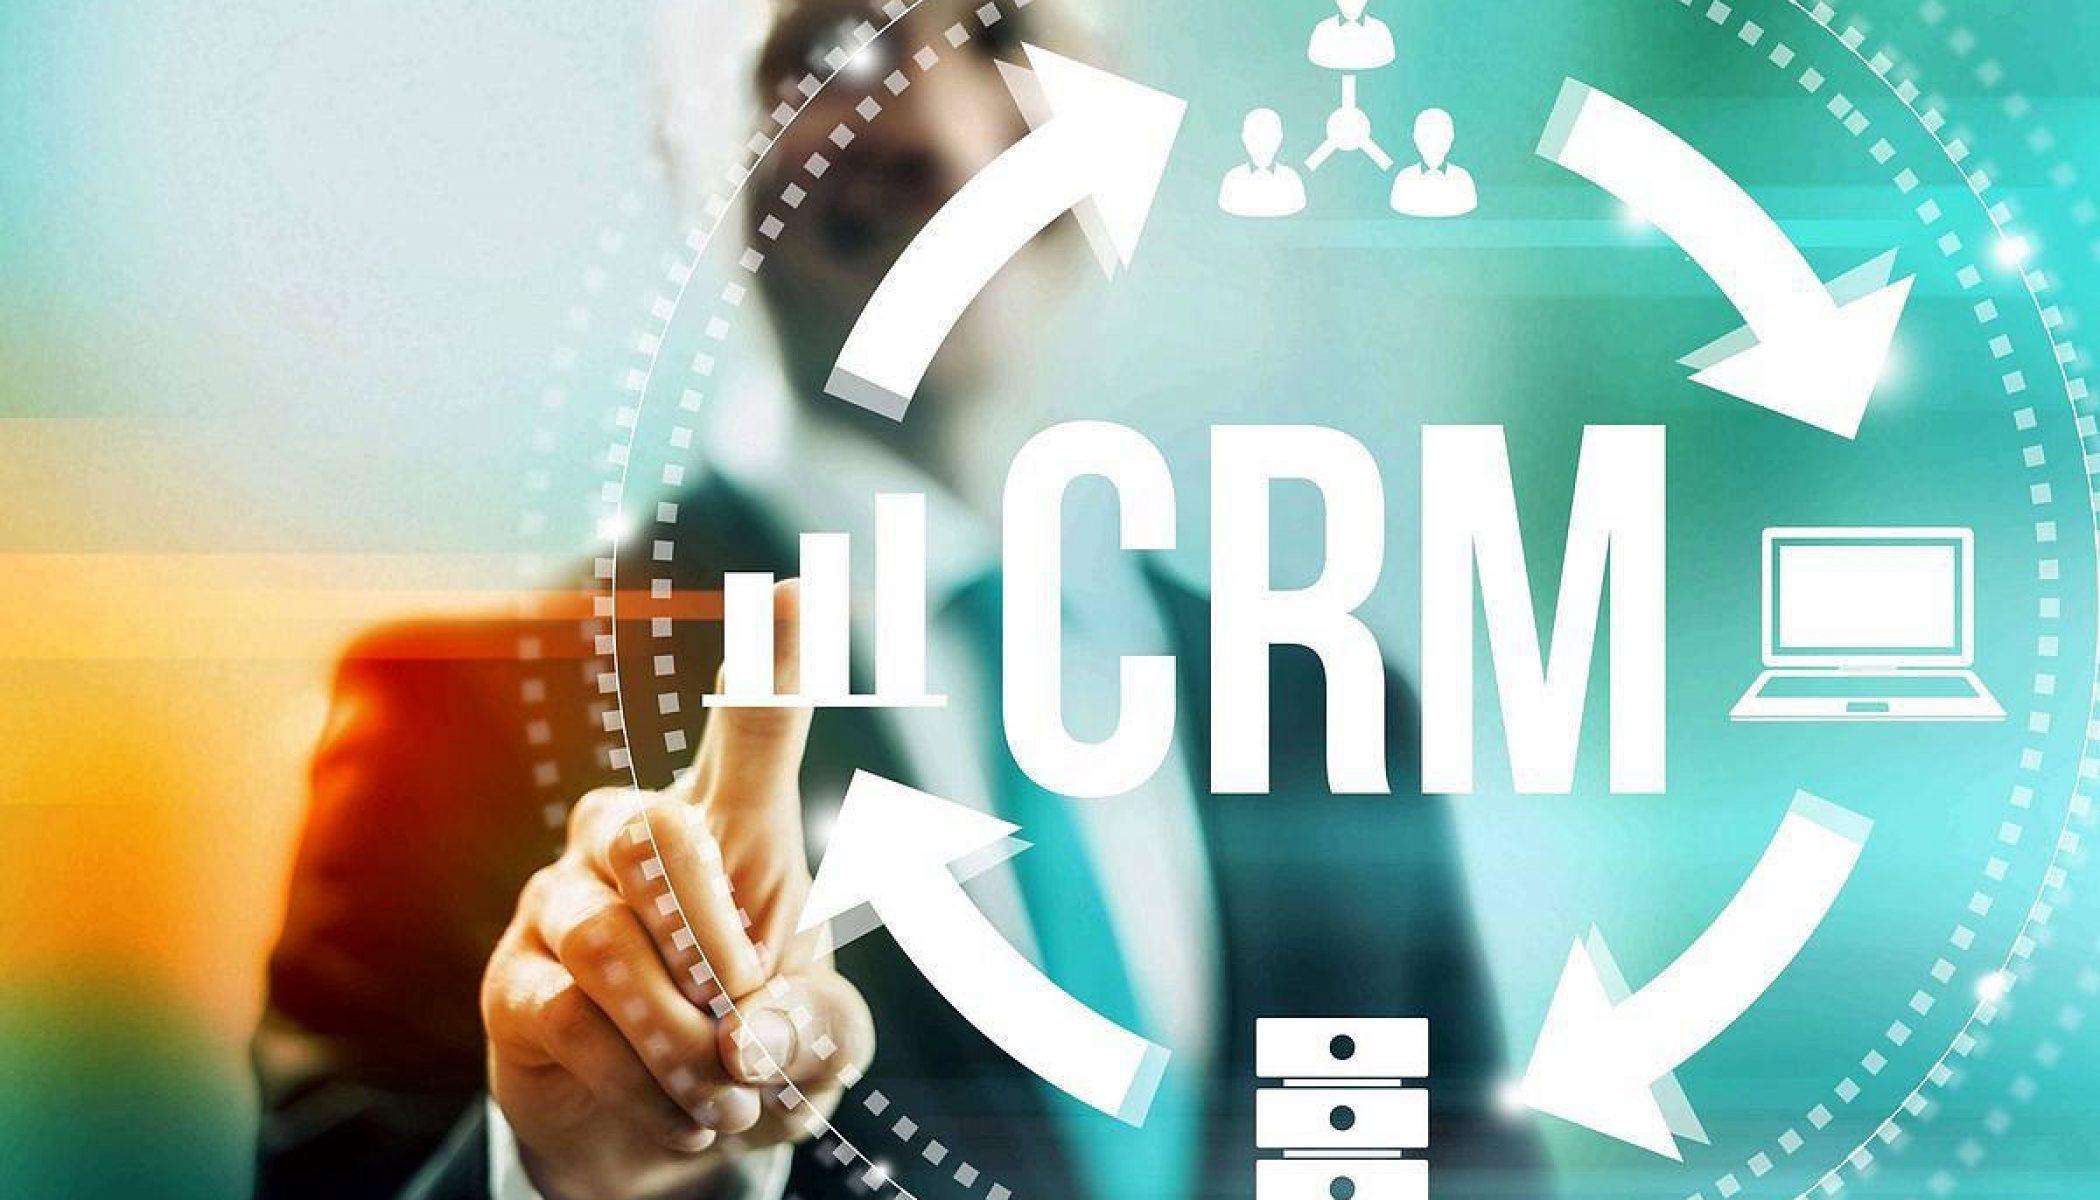 ТОП-10 лучших CRM-систем в 2018 году по отзывам предпринимателей